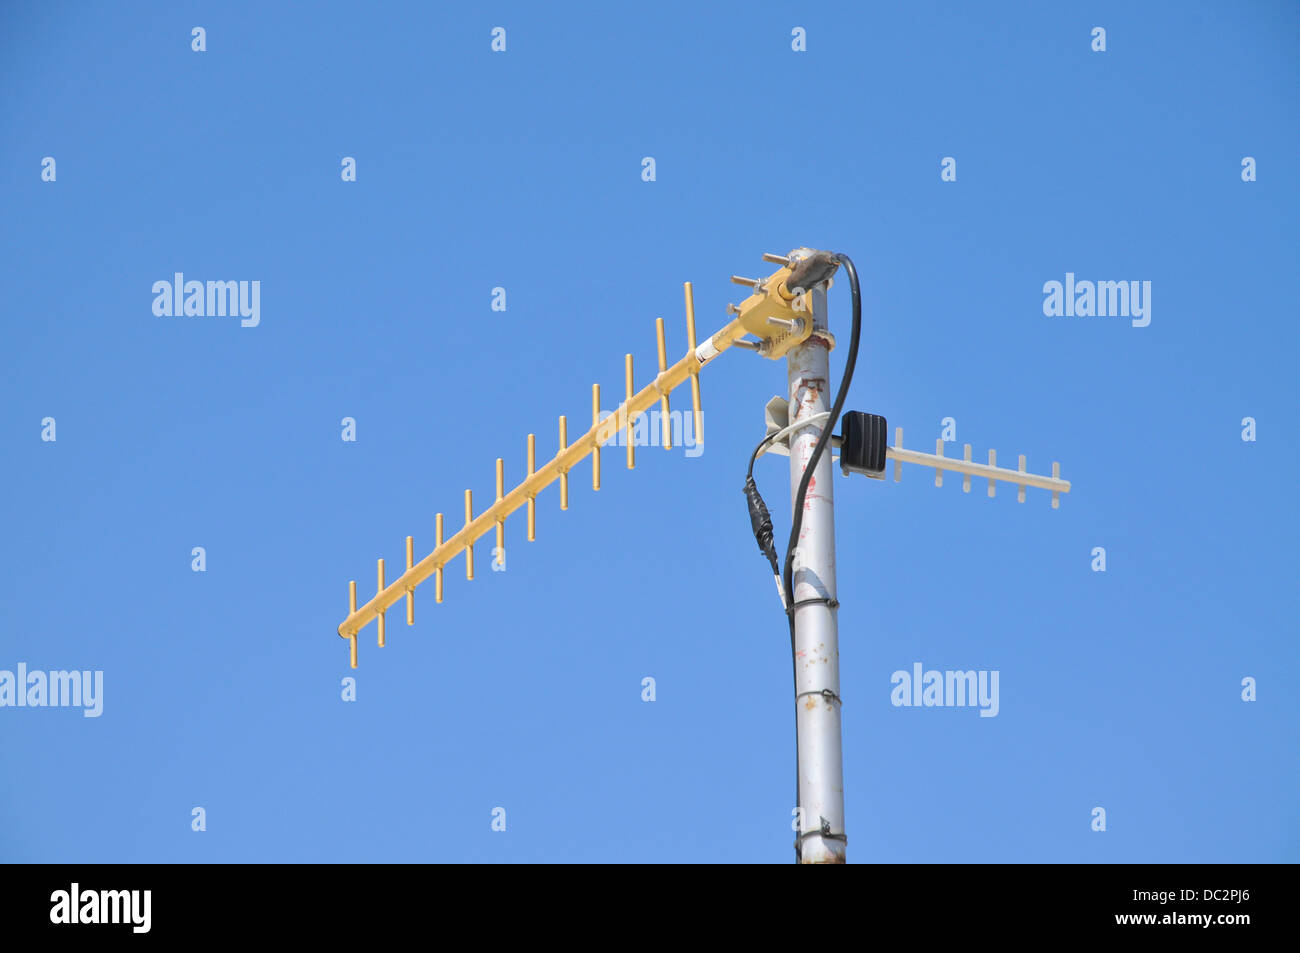 Funkantenne auf blauen Himmelshintergrund Stockfoto